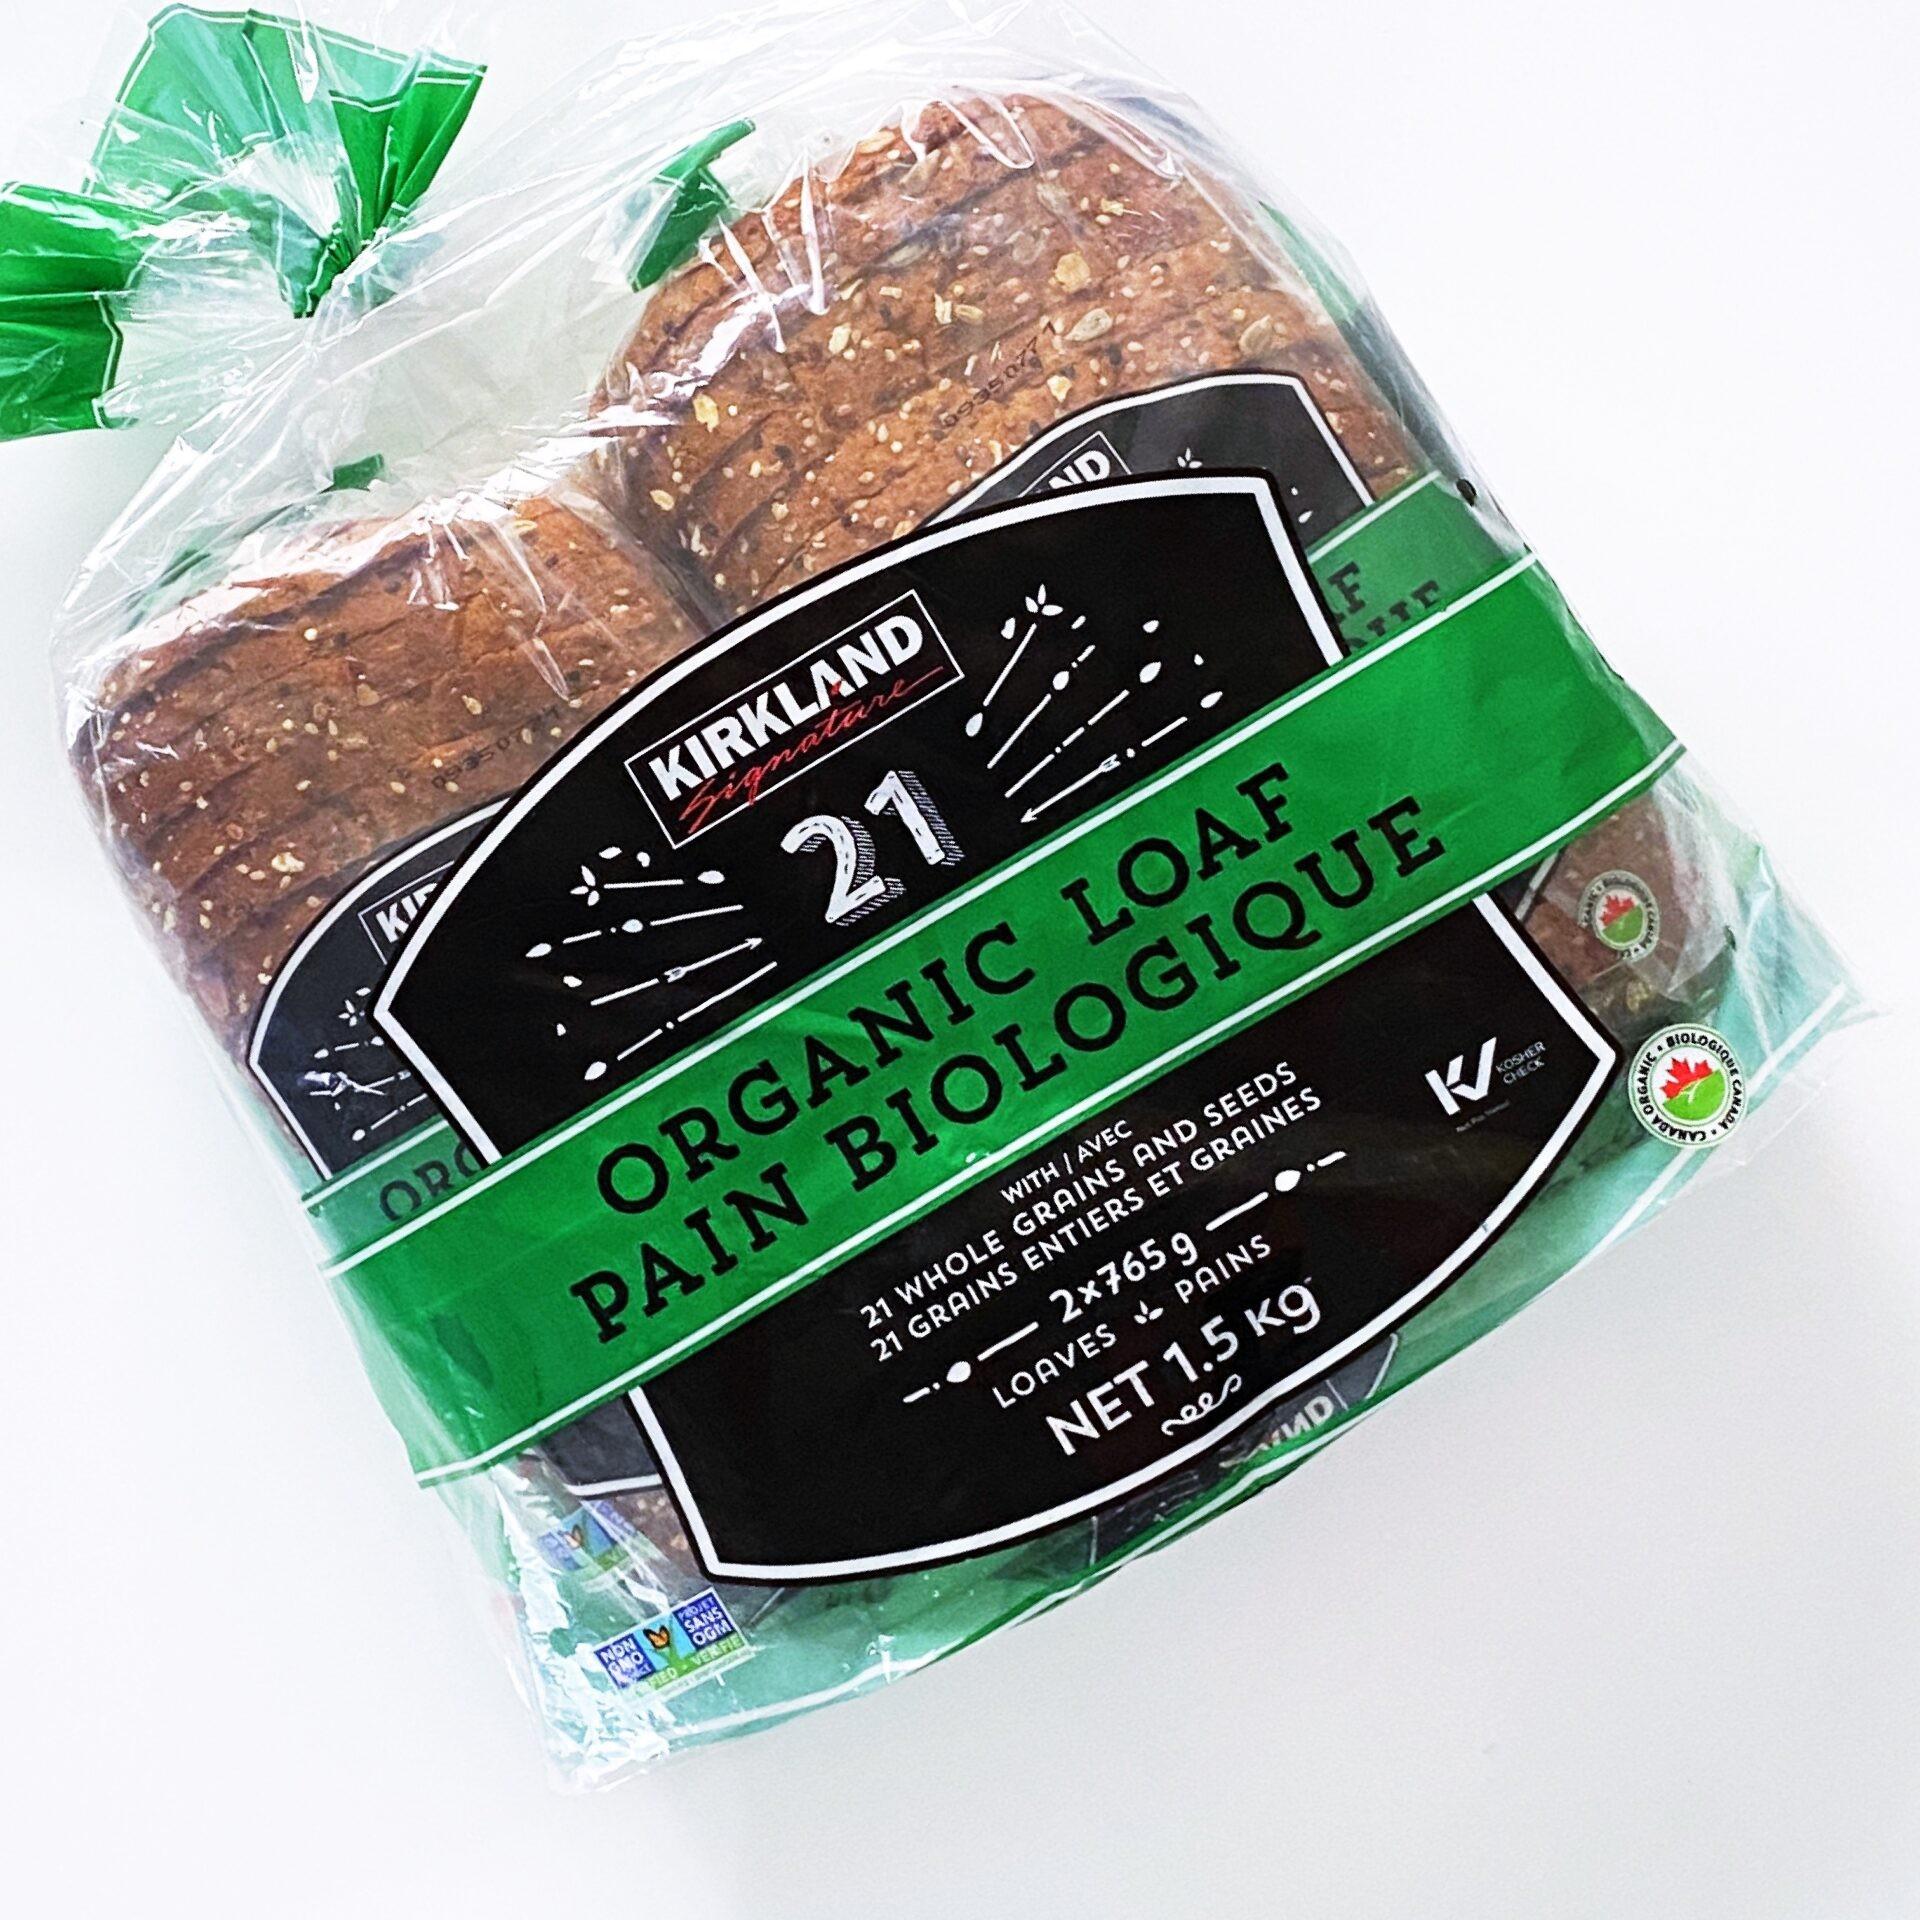 21穀オーガニックパン